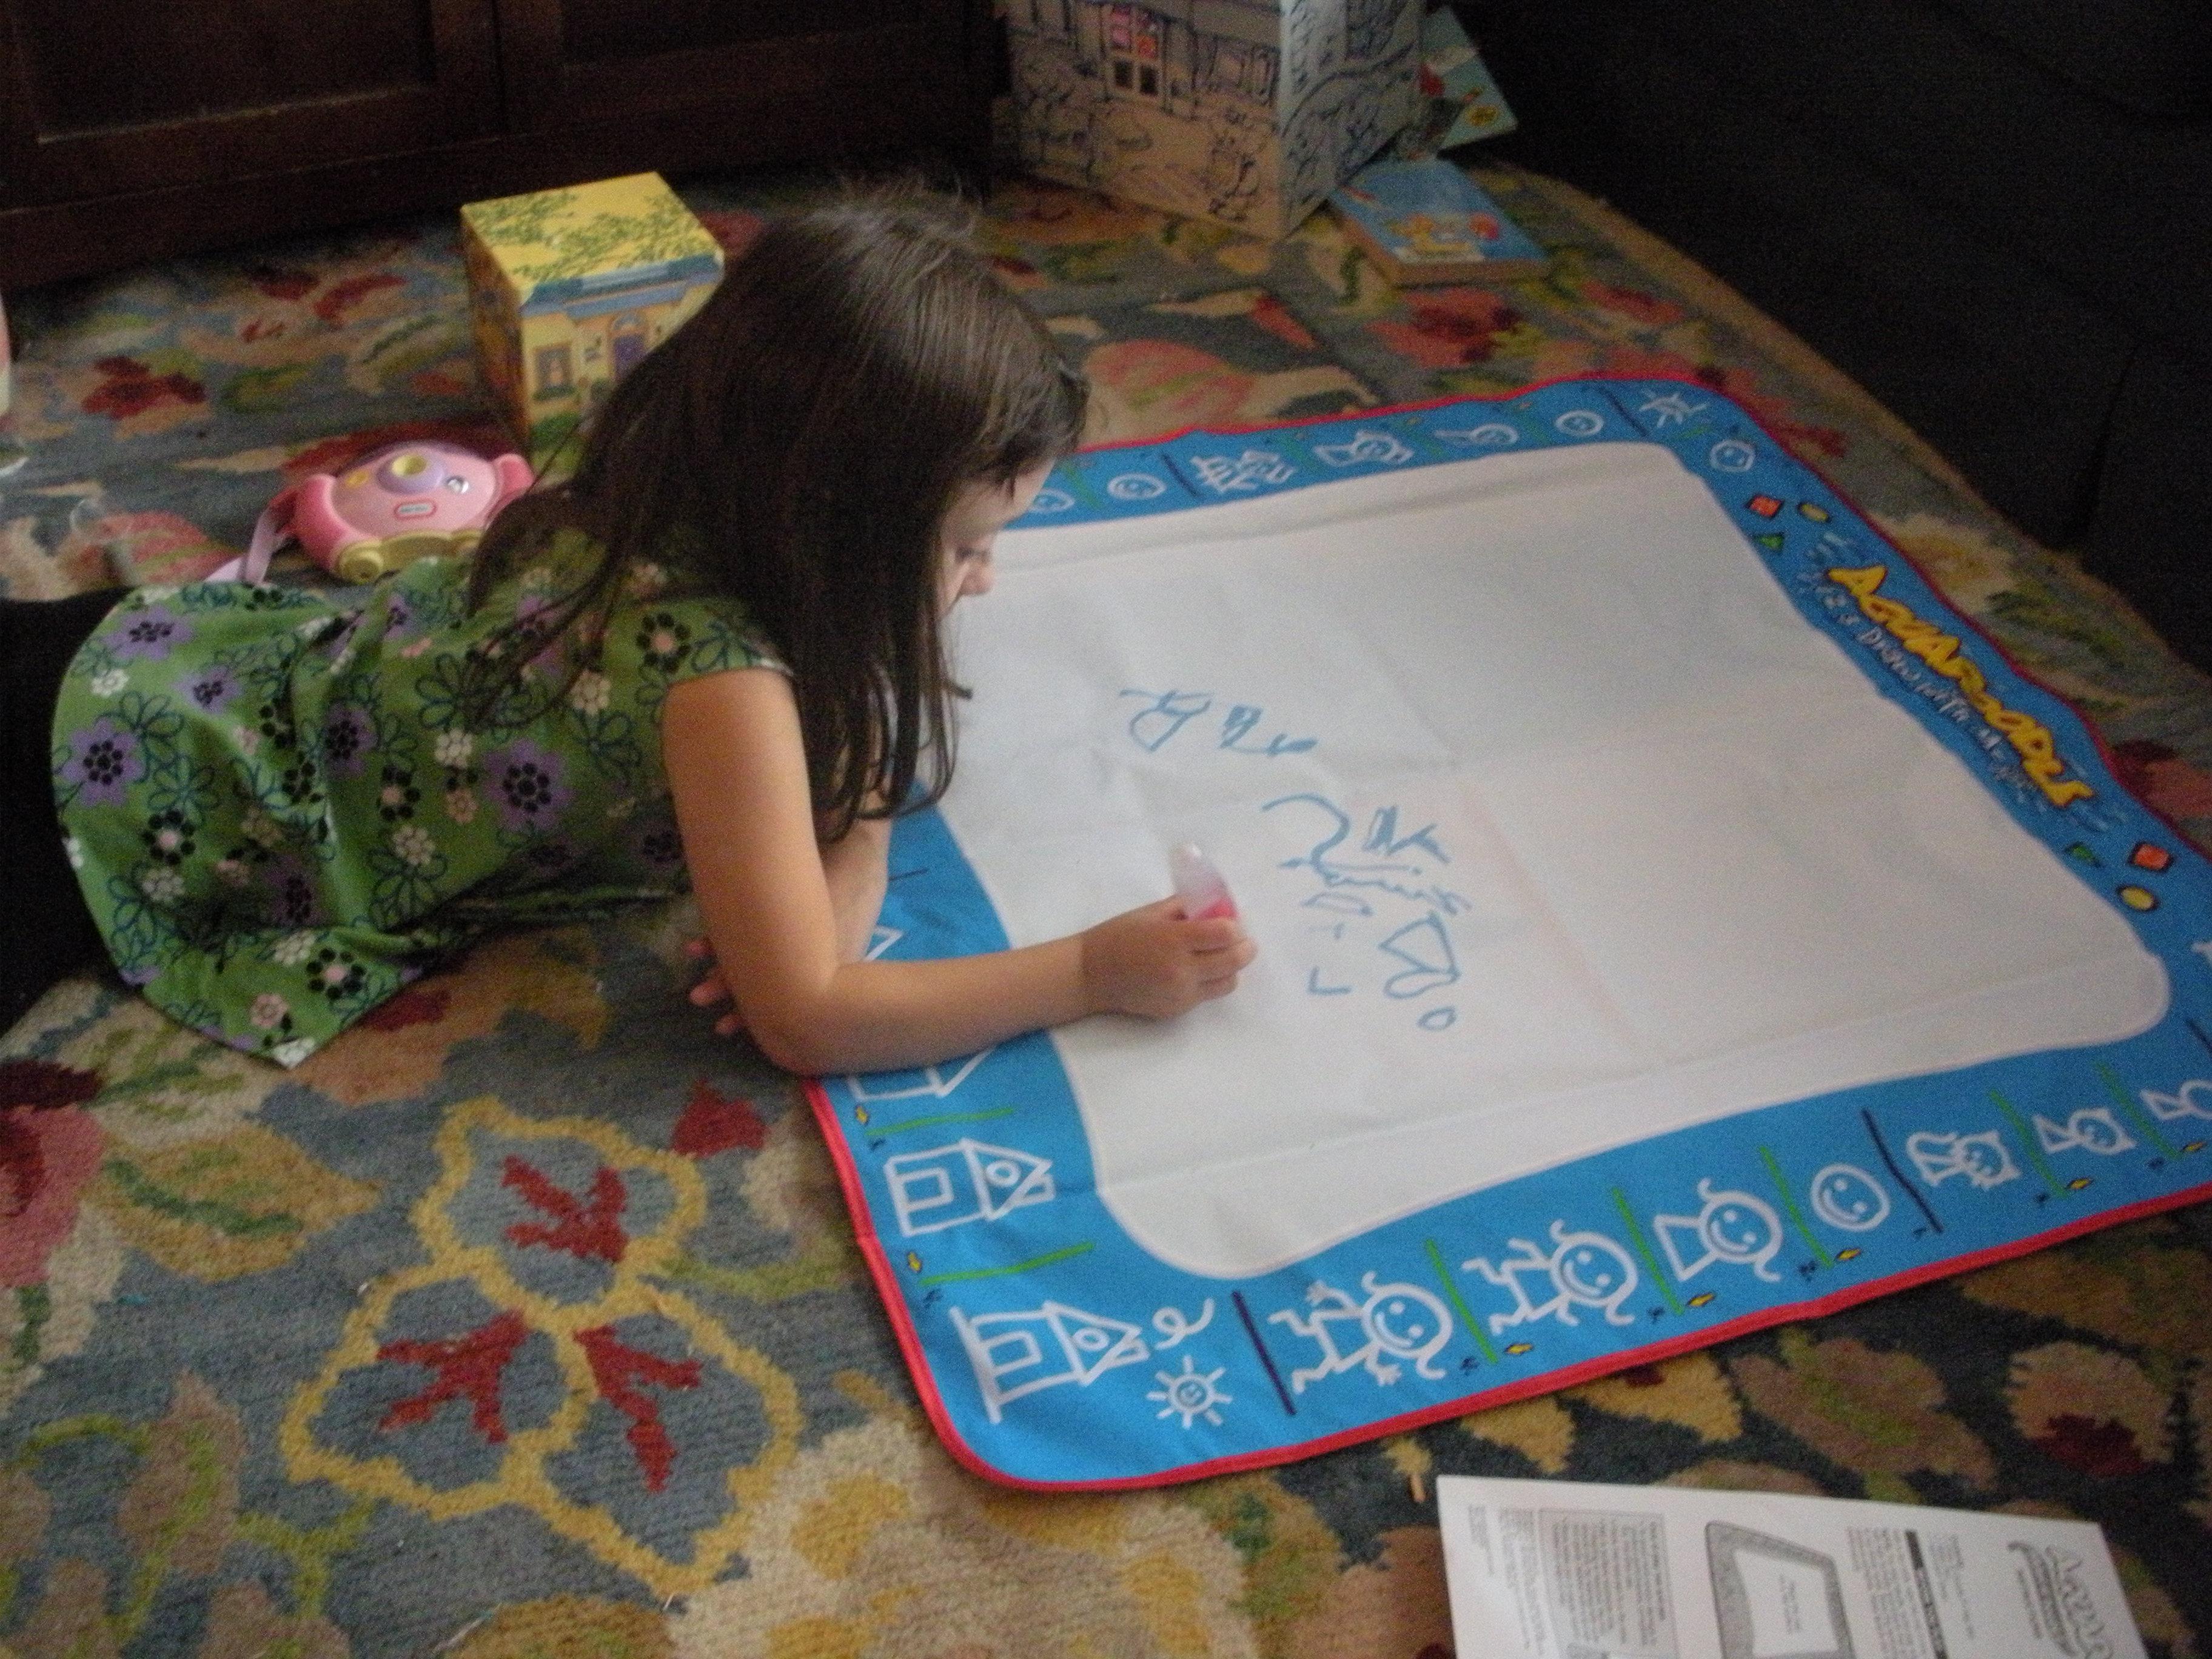 Bath Blizzard And Aquadoodle Draw N' Doodle Mat